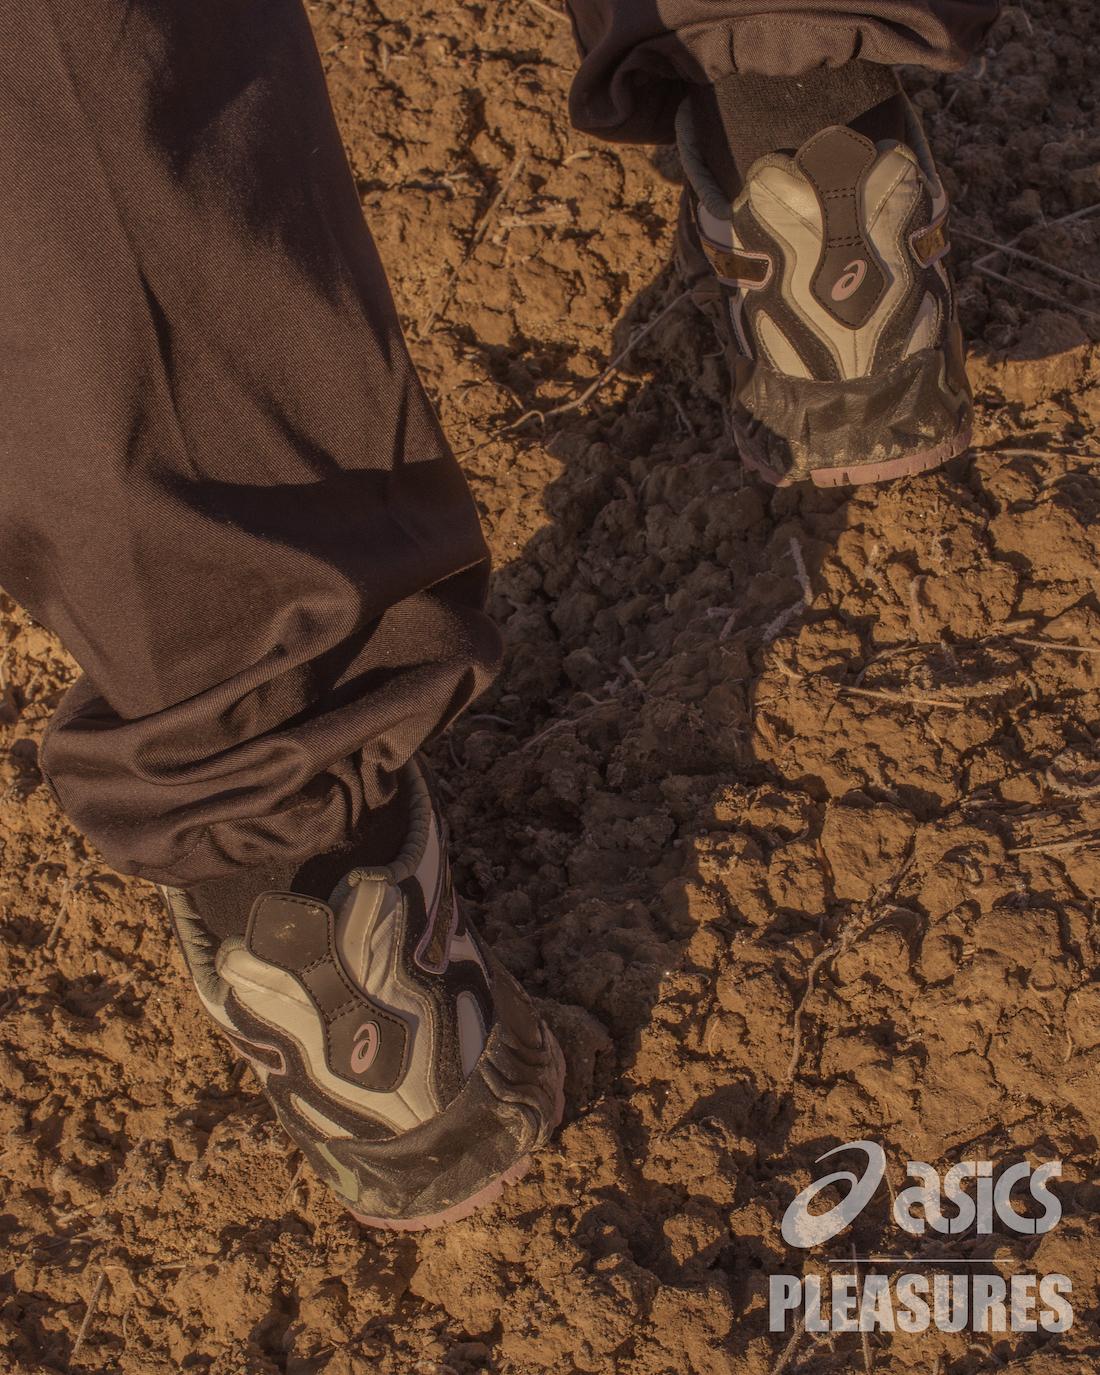 PLEASURES Asics Gel Nandi OG Trail Release Date Info